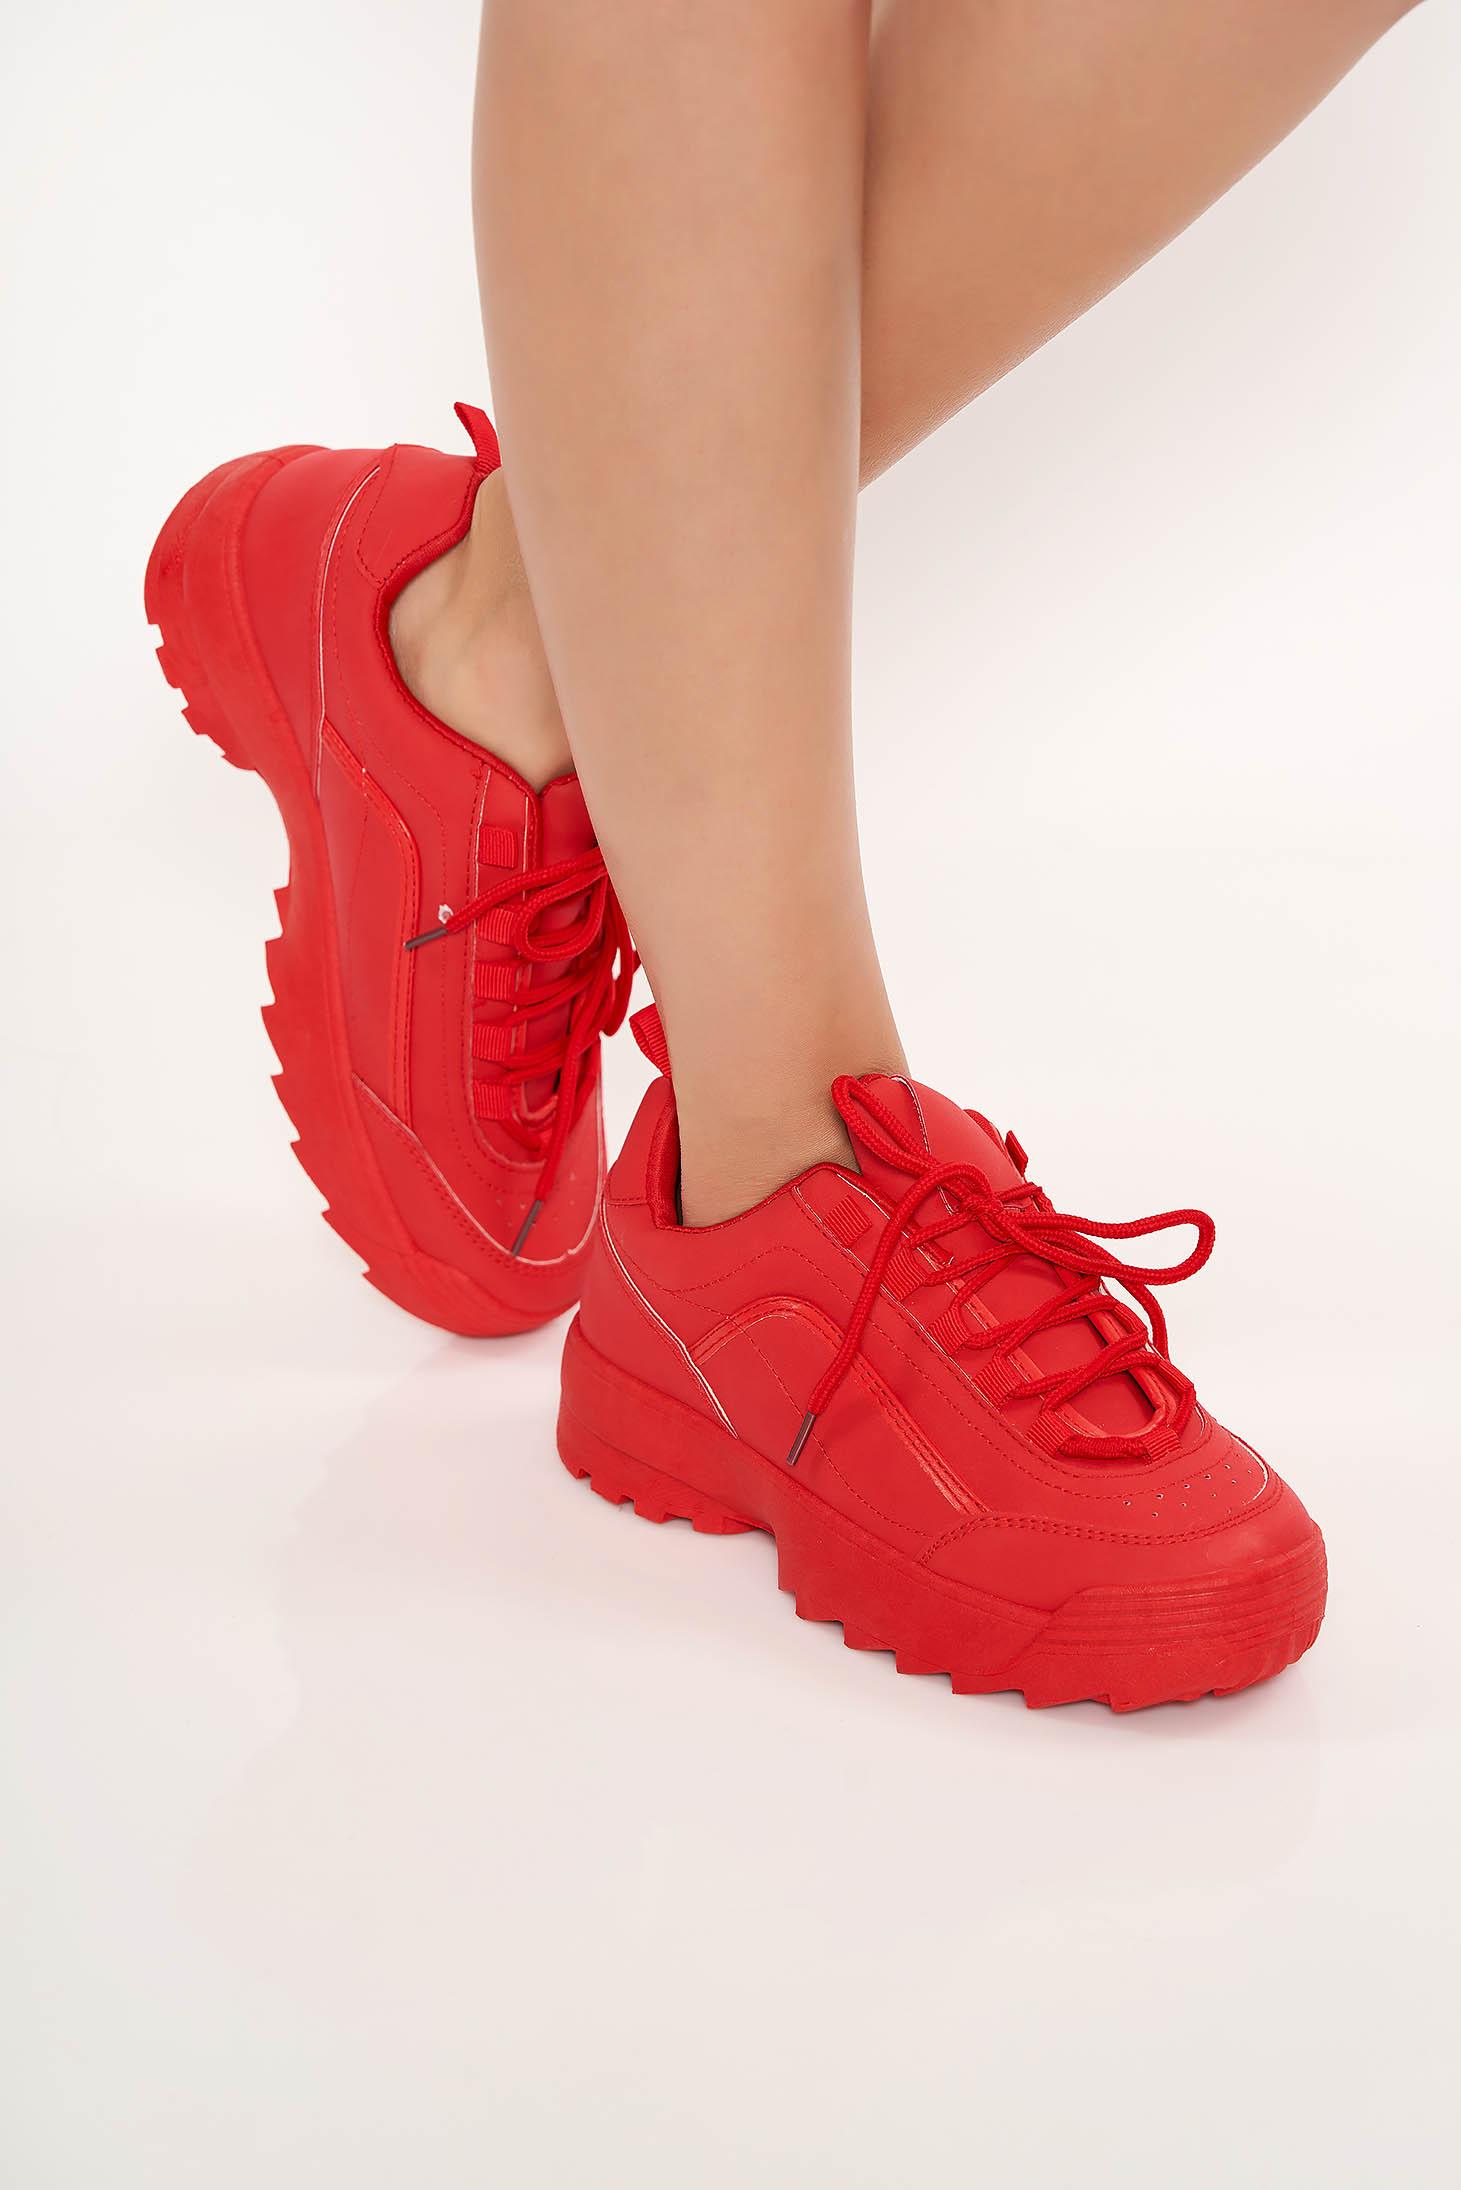 Piros casual sport cipő fűzővel köthető meg